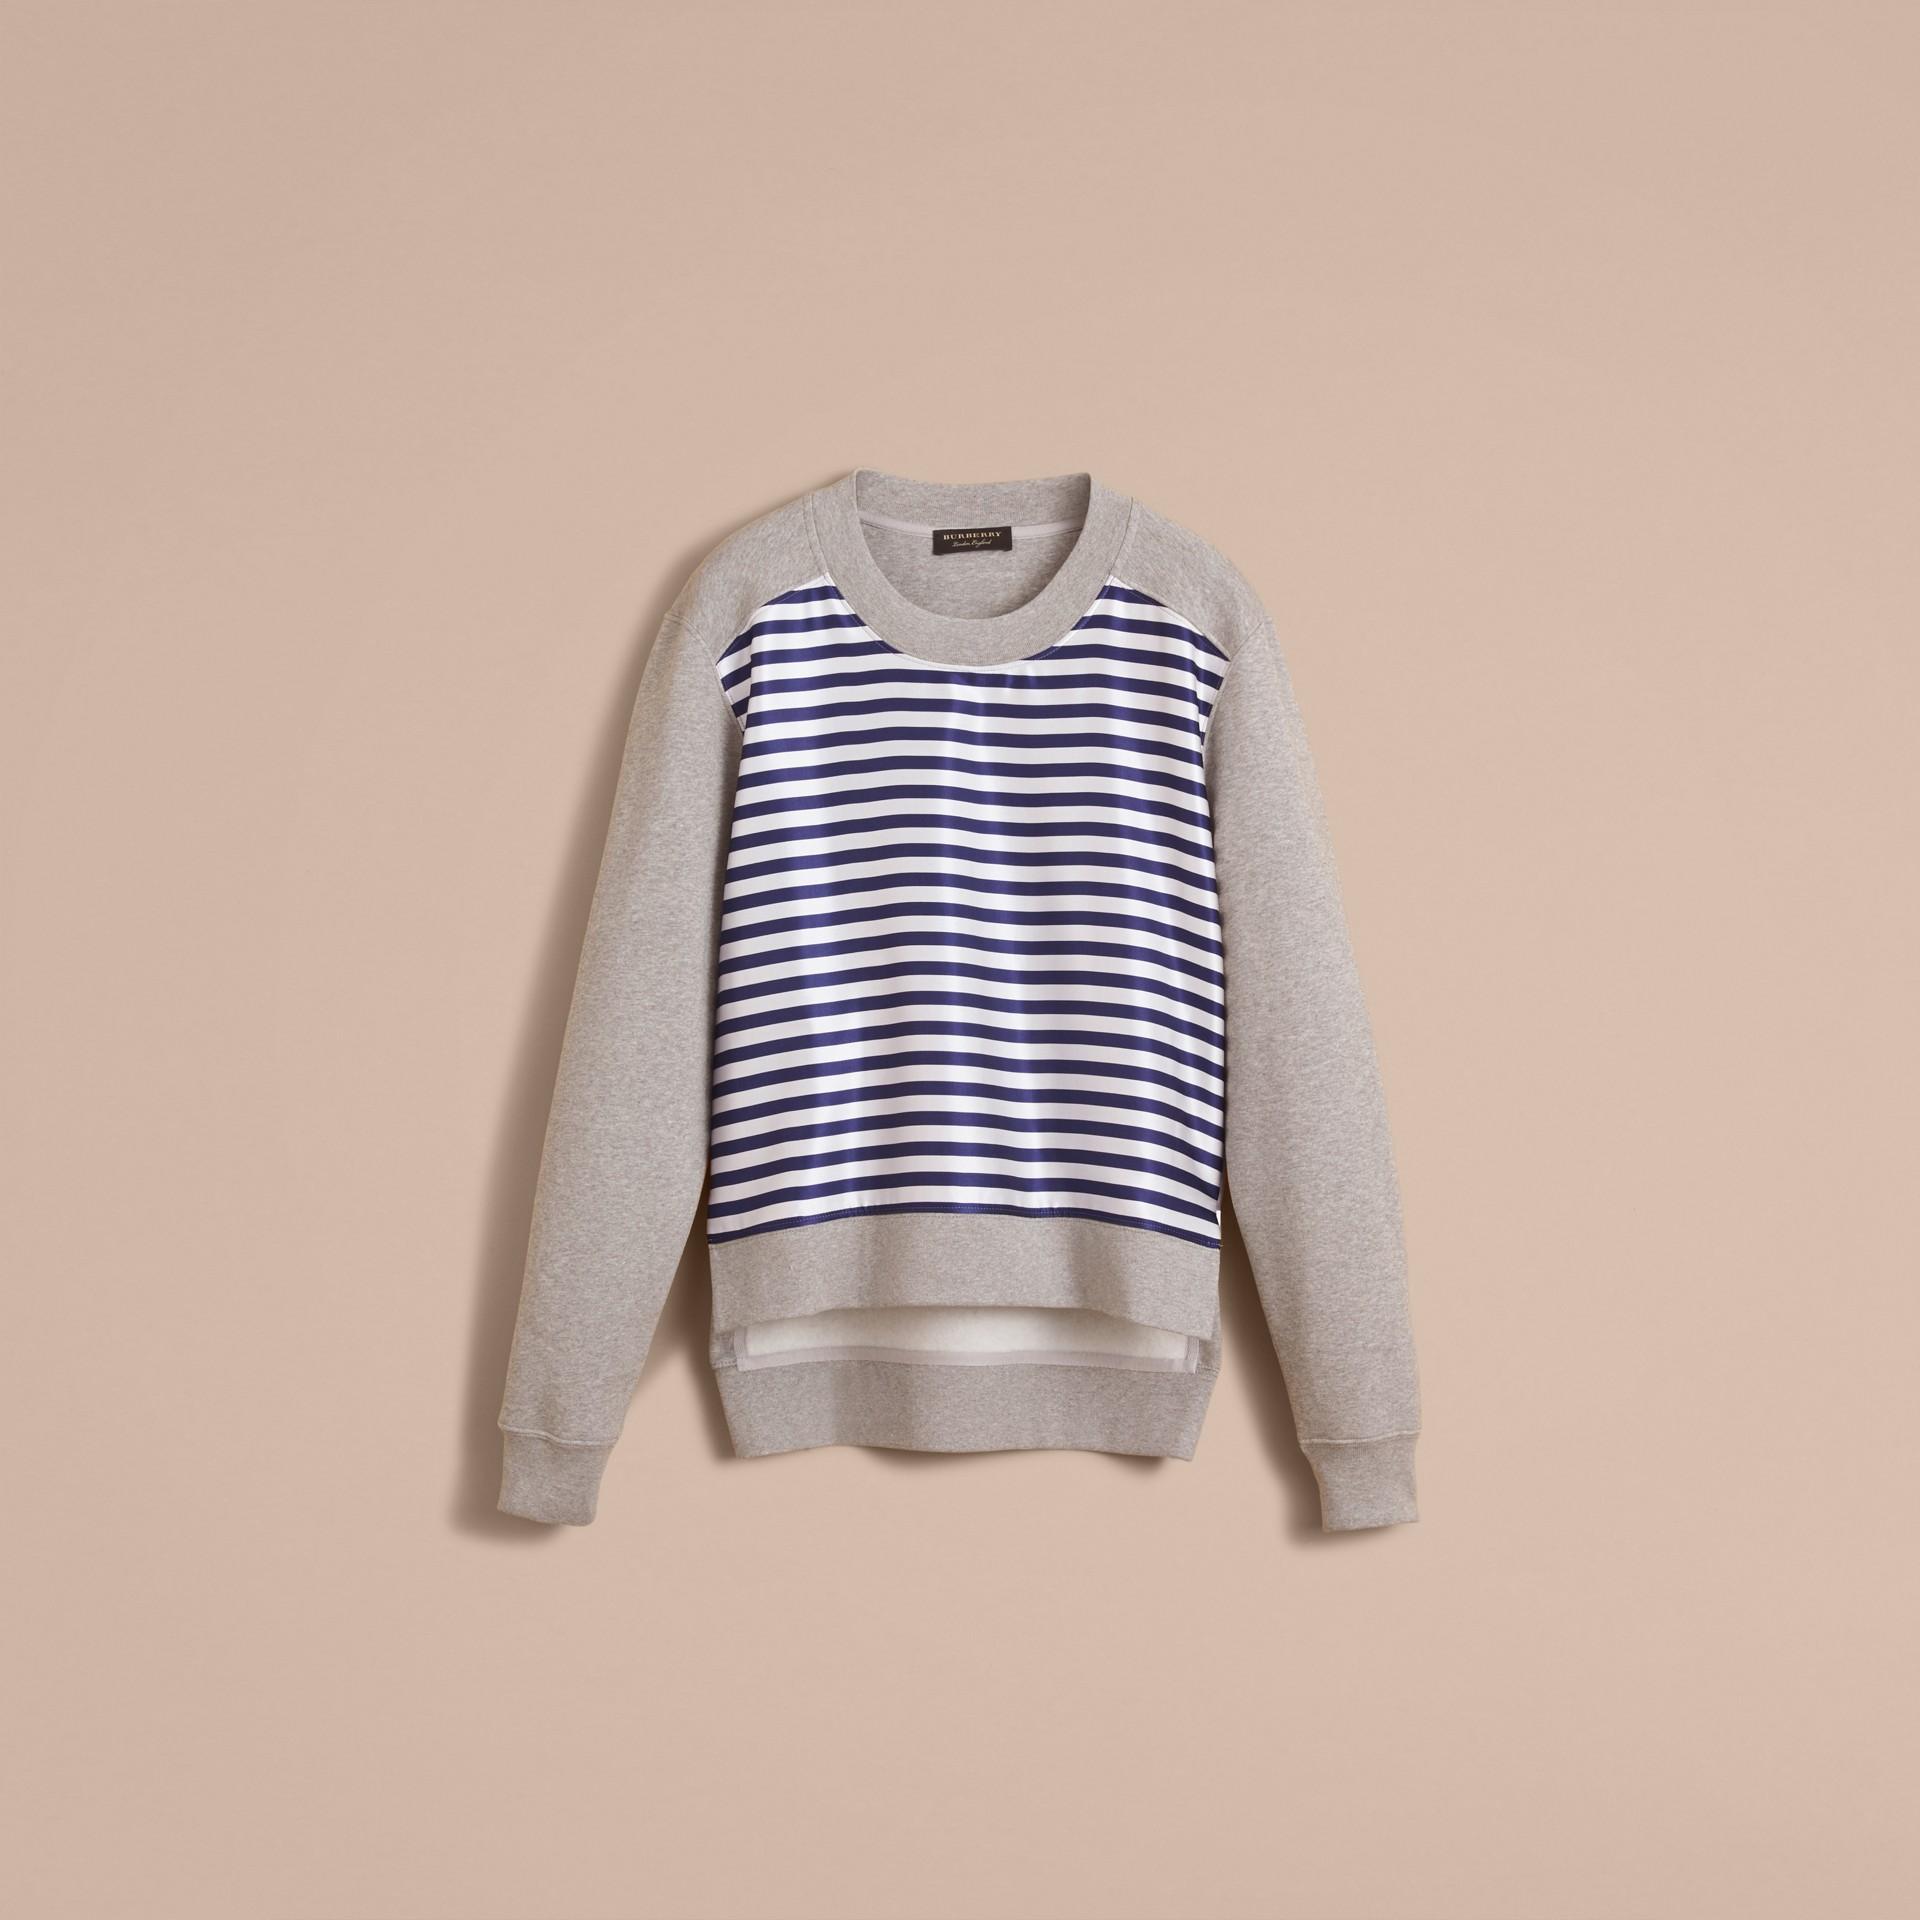 Unisex-Sweatshirt mit Streifenpanel aus Baumwollseide (Grau Meliert) - Herren | Burberry - Galerie-Bild 4